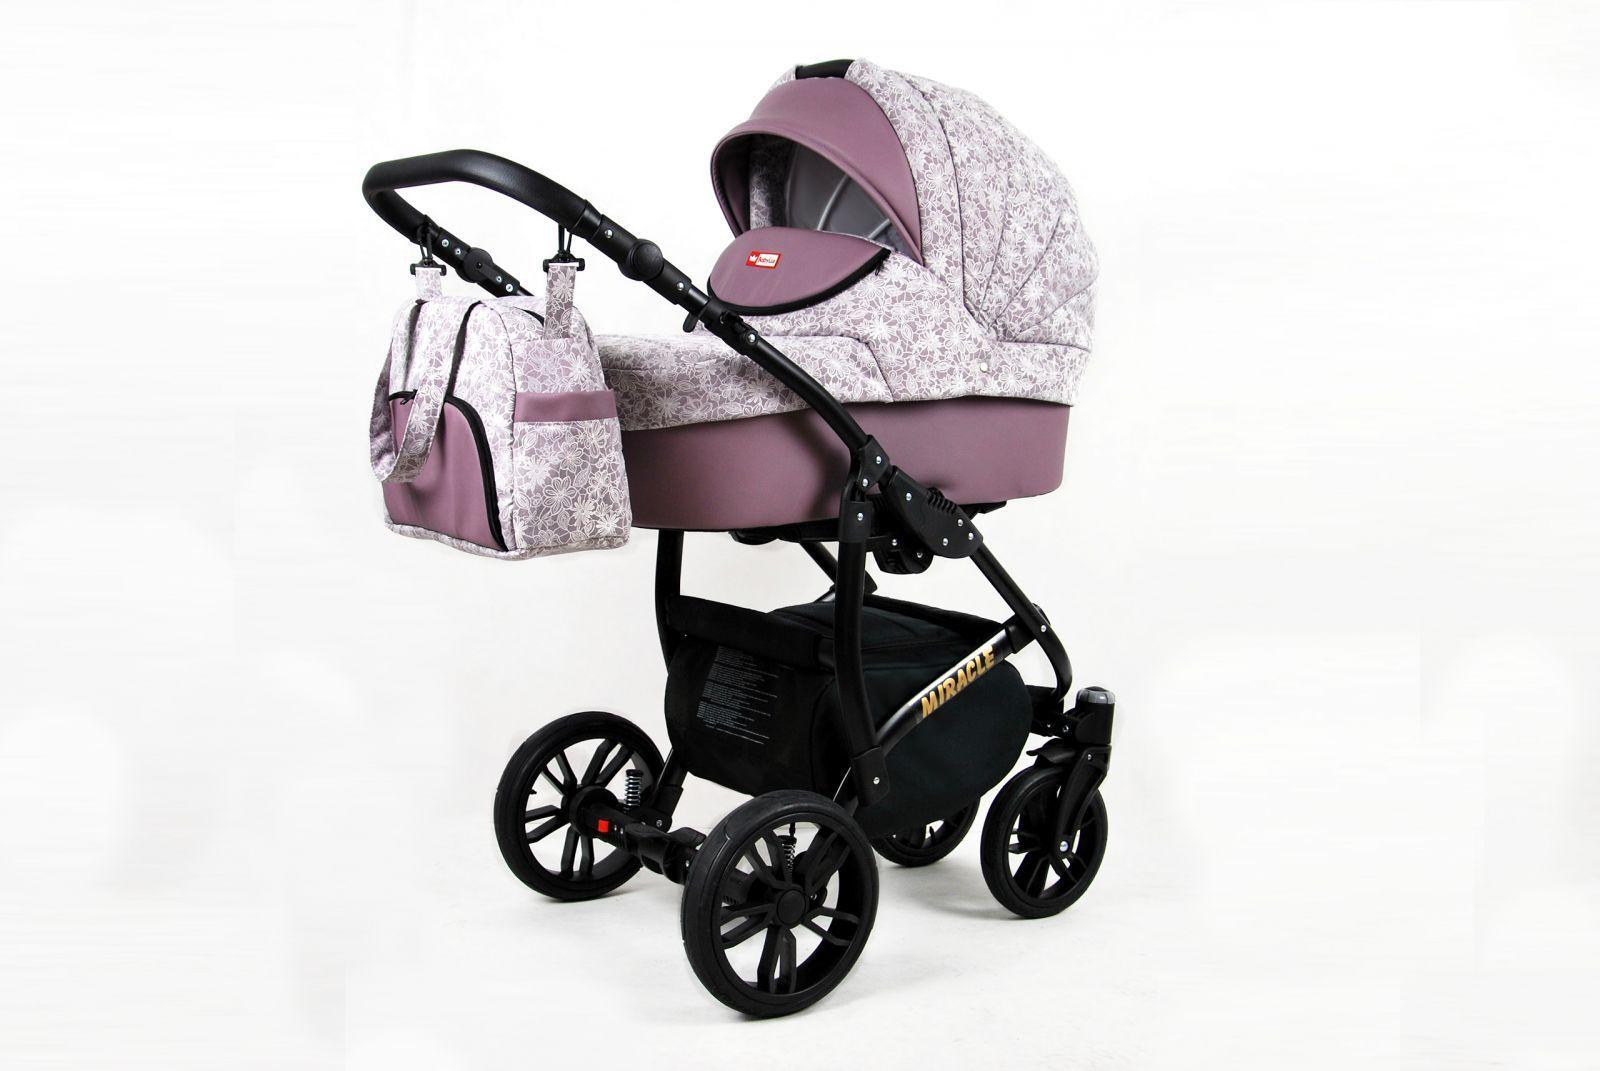 Raf-pol Baby Lux Miracle 2021 Misty Violet + u nás ZÁRUKA 3 ROKY